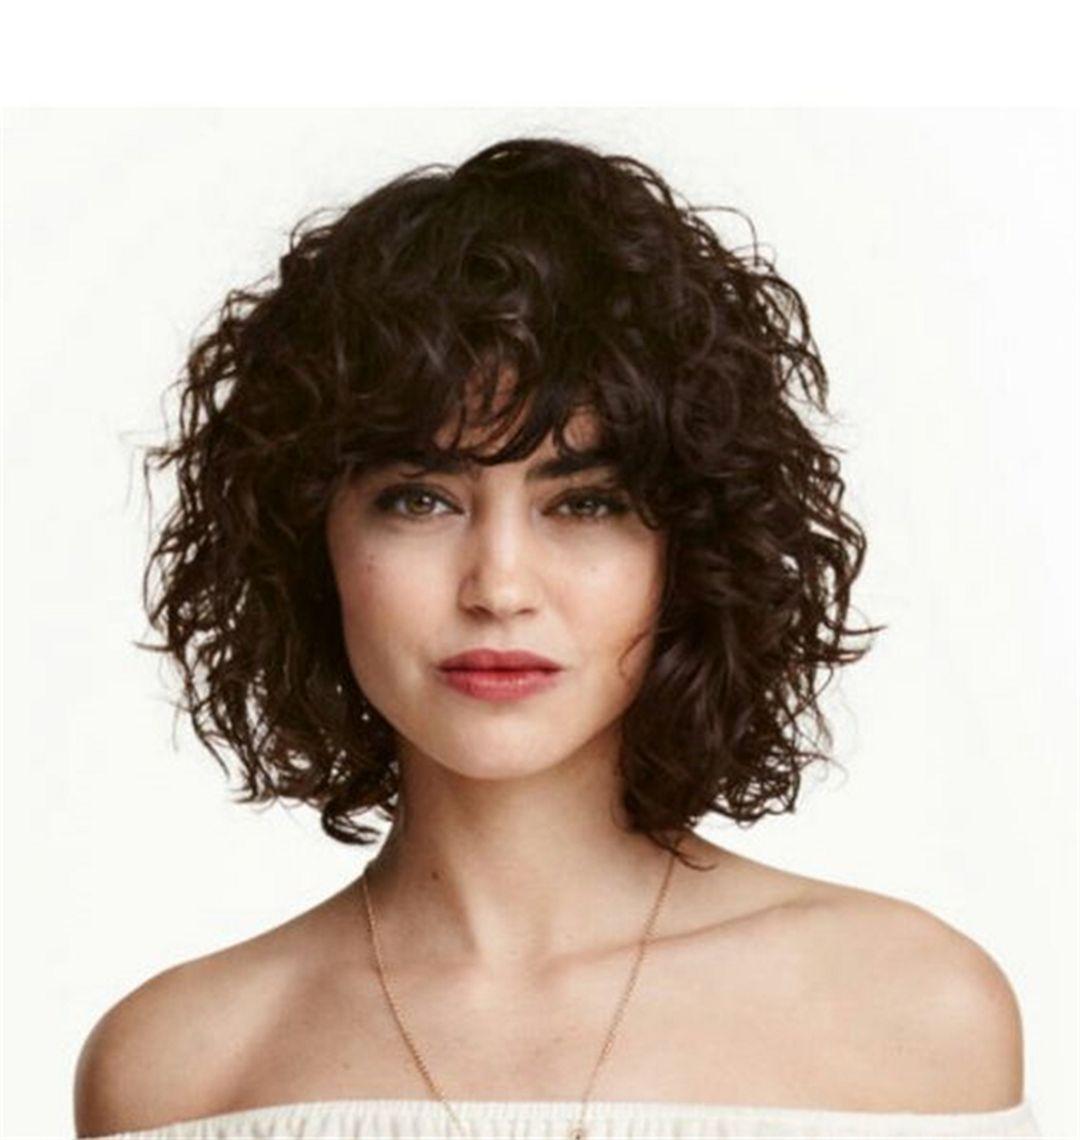 15 schicke lockige Frisuren, die Sie bezaubern - Inspirational 15 beautiful ...,  #Beautiful ... -  15 schicke lockige Frisuren, die Sie bezaubern – Inspirational 15 beautiful …,  #Beautiful #bez - #Beautiful #bezaubern #blackyhairstyles #curlyhairstyles #die #Frisuren #hairstylesmedium #Inspirational #lockige #schicke #Sie #transitioninghairstyles